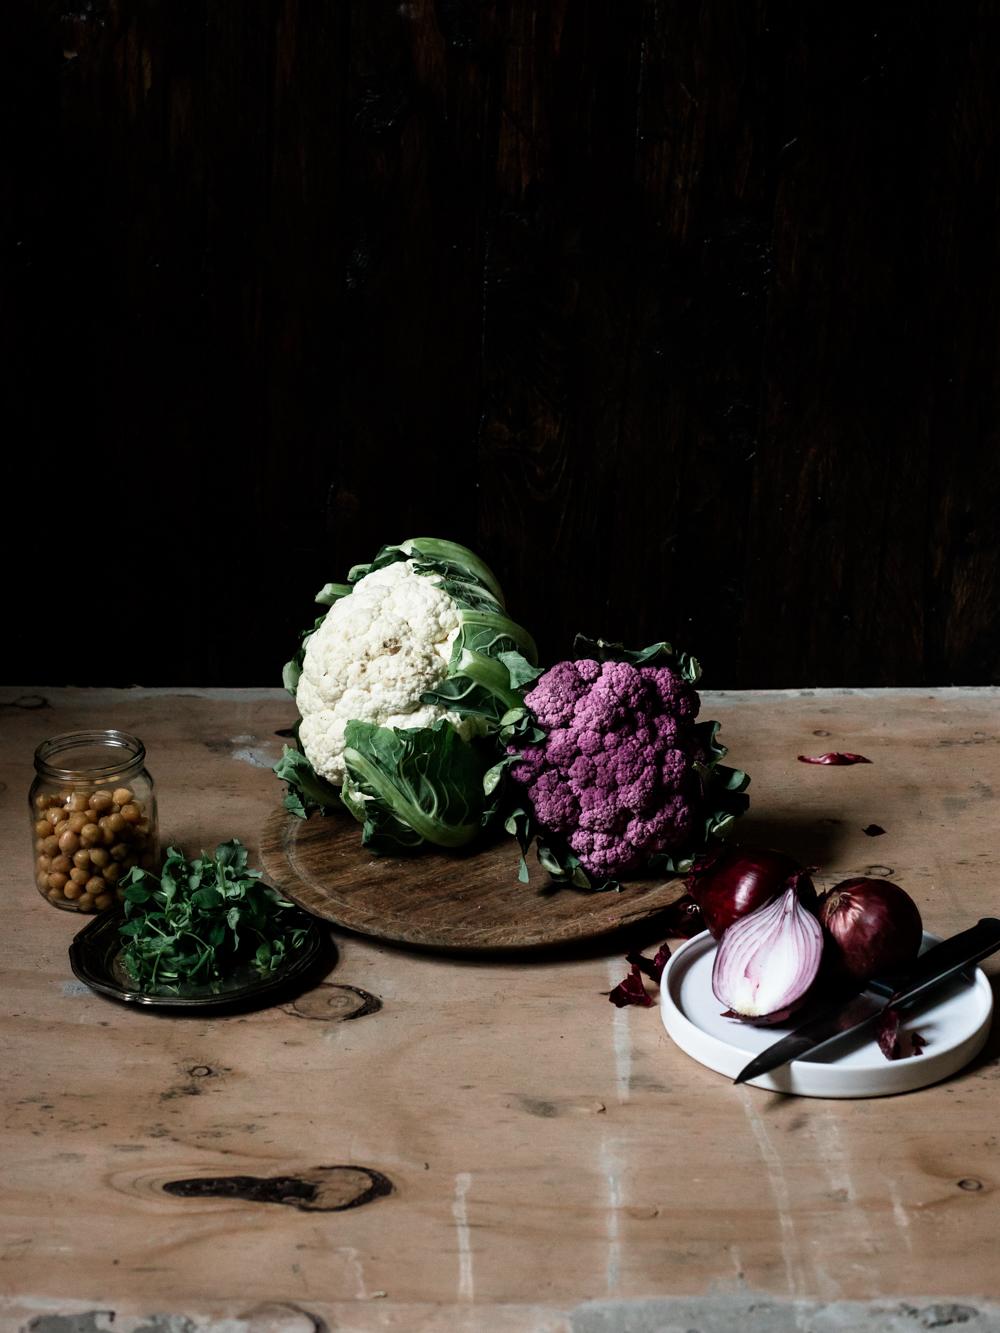 Roasted Cauliflower & Chickpea Salad